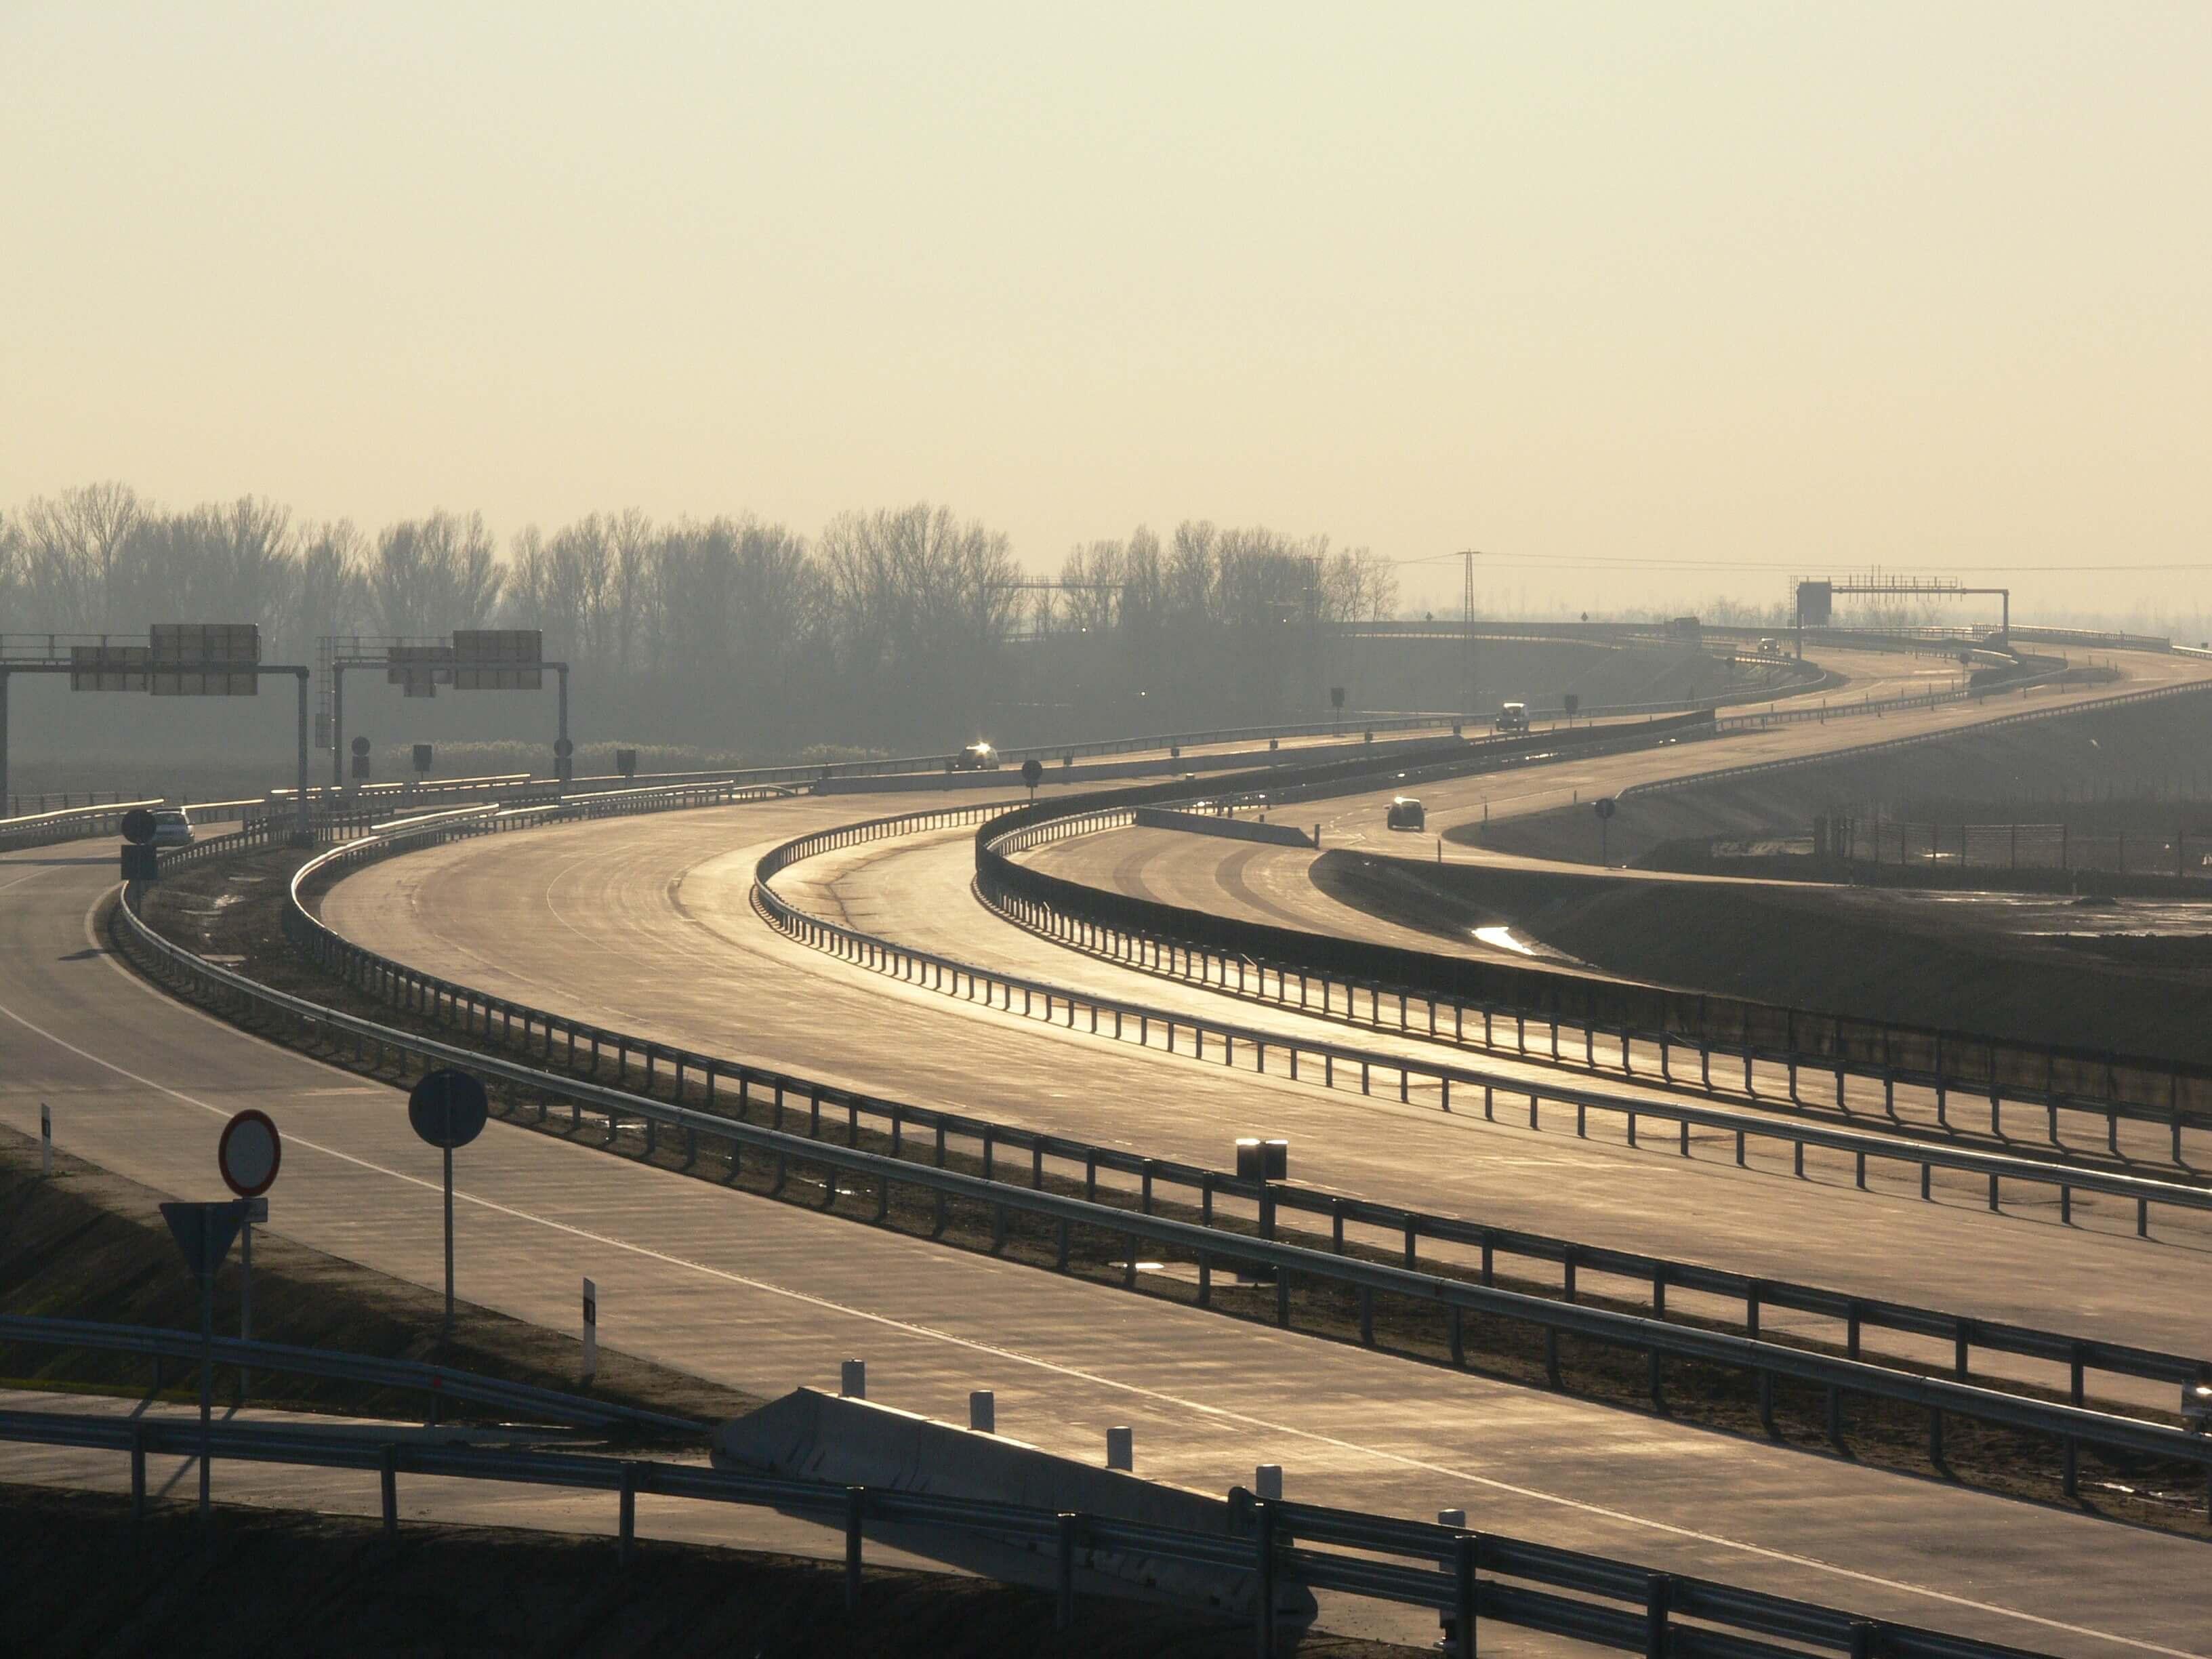 2500 milliárdos útfejlesztésről döntött a kormány